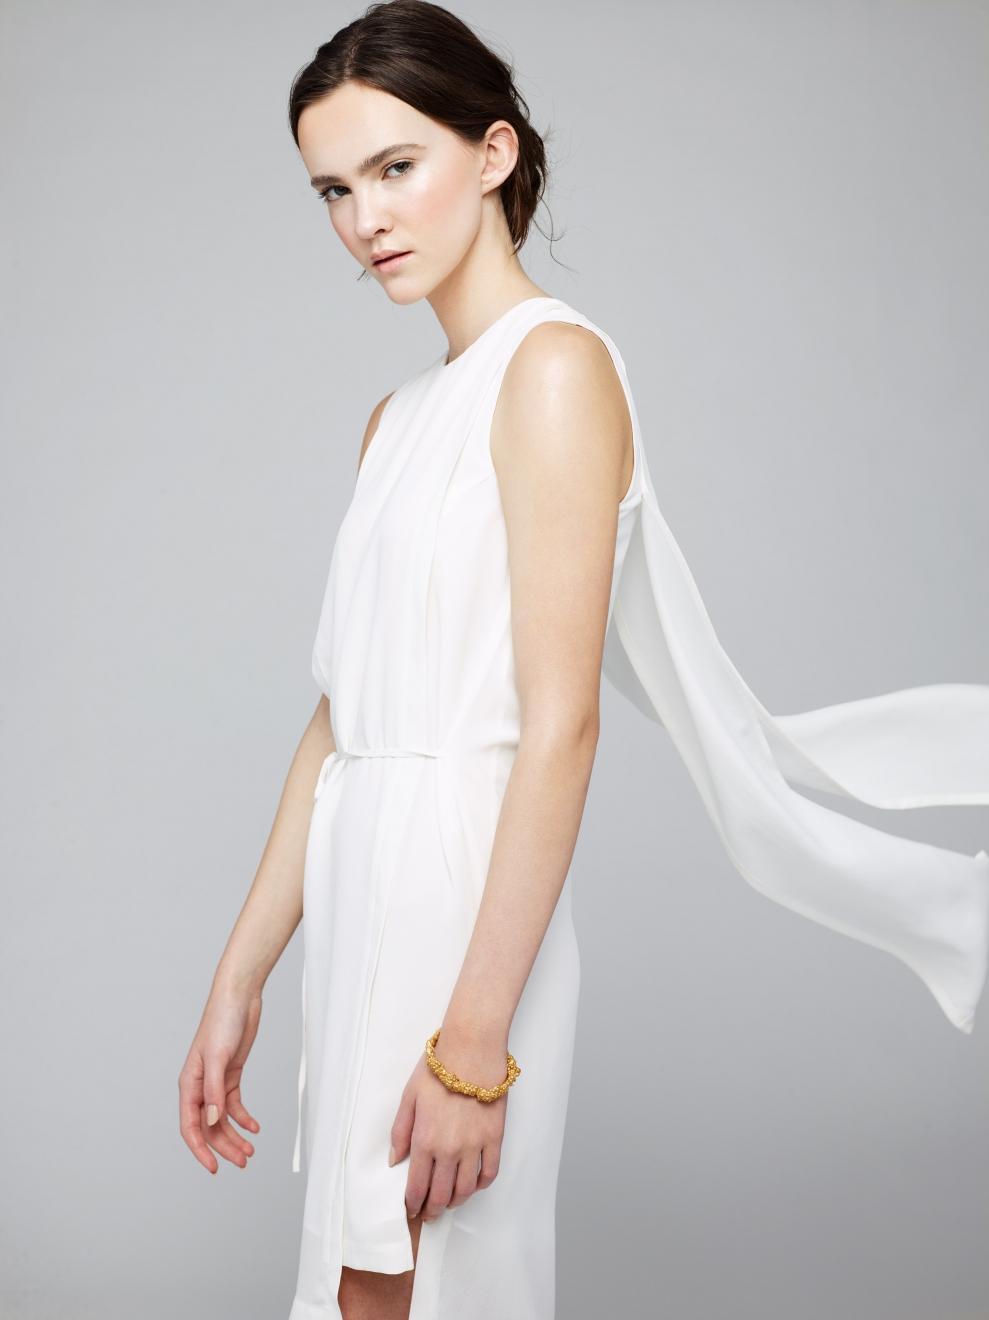 Margarita_Lizbell-Agency_Model-Vancouver_-Modelling-Agency-4_1070x1320.jpg